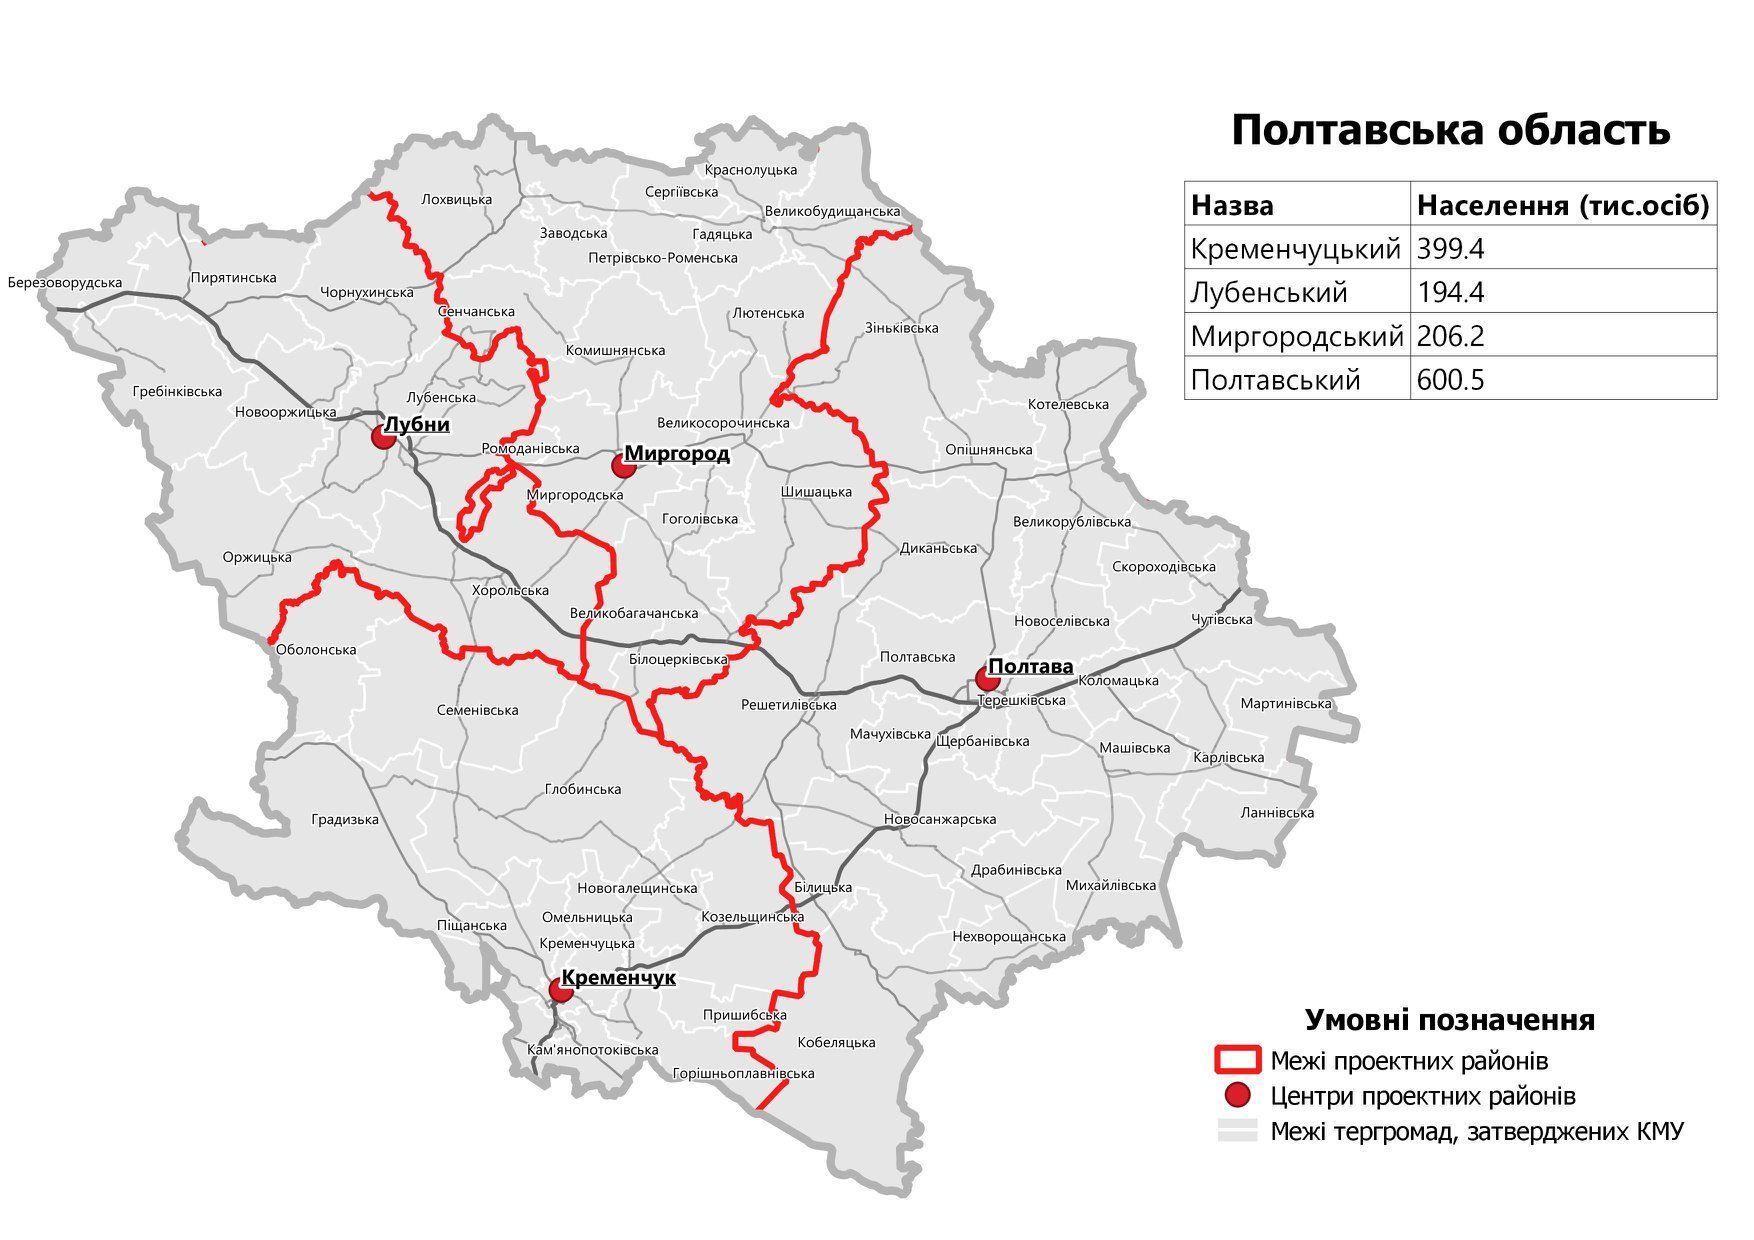 Мапа нових районів_24